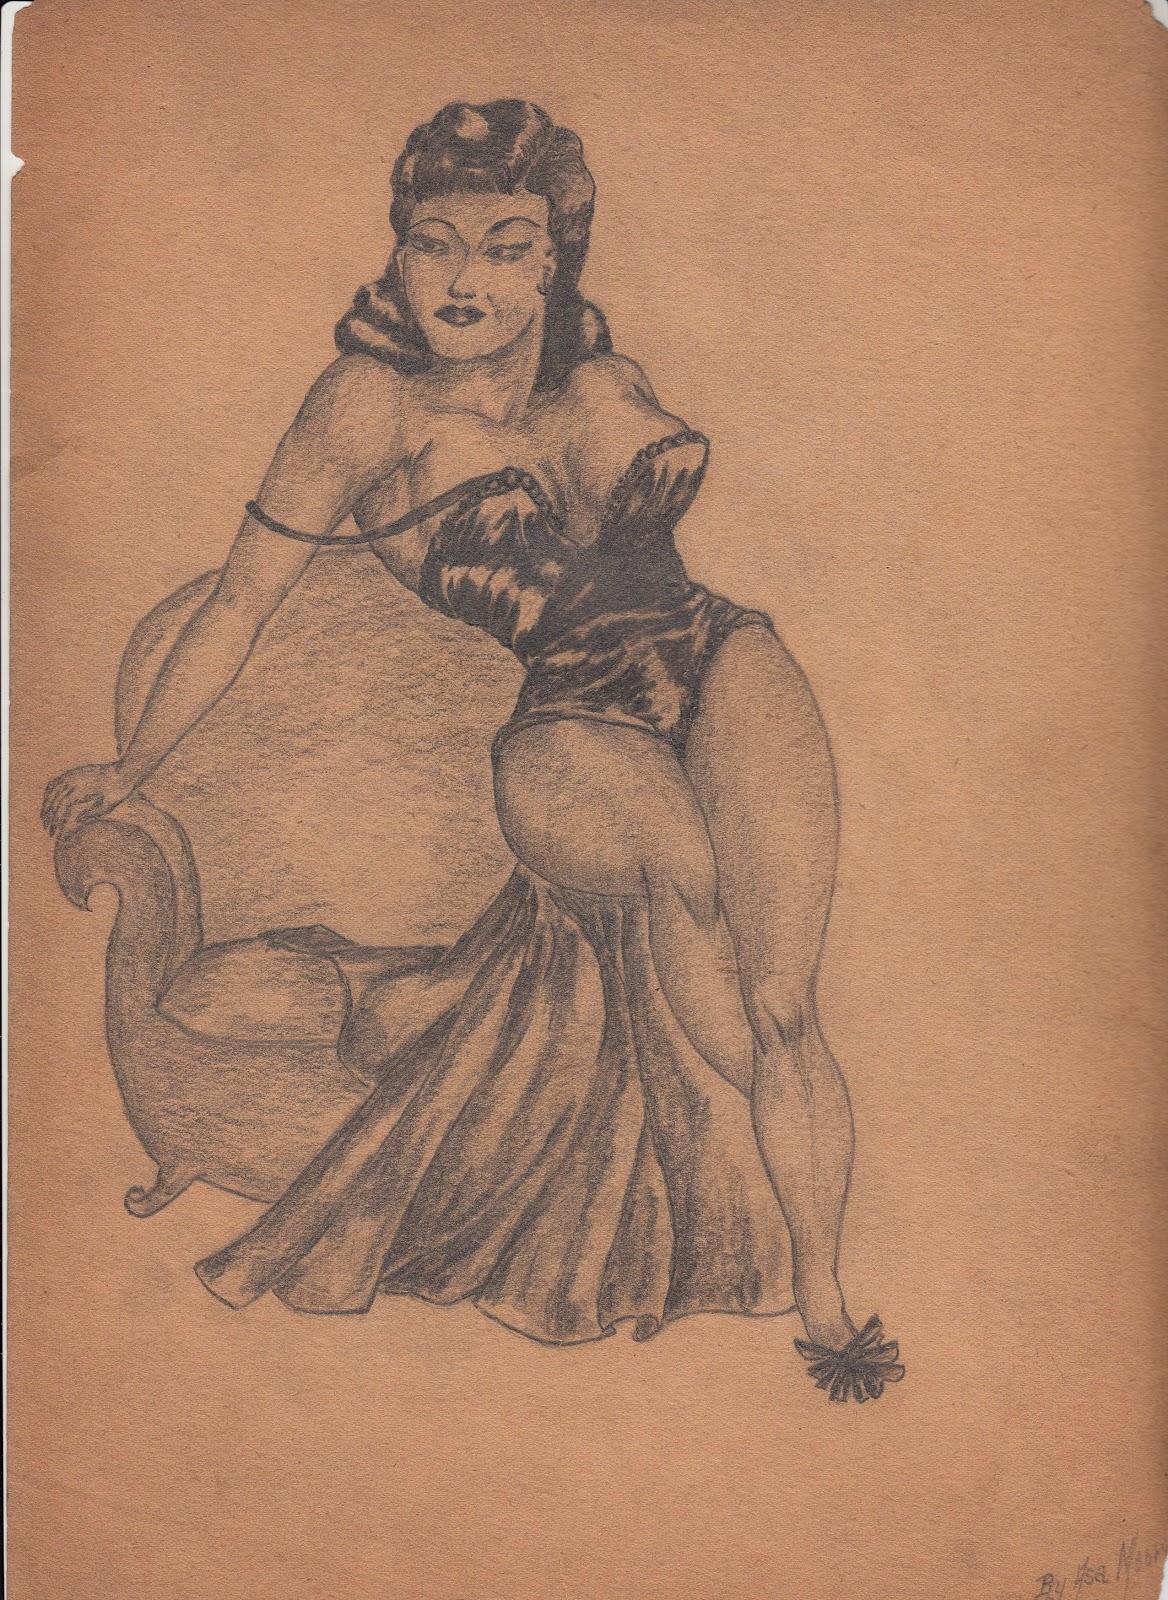 IMG 0004 Erotic Fantasy Comic Drawings of African American Artist Asa Ace Moore c.